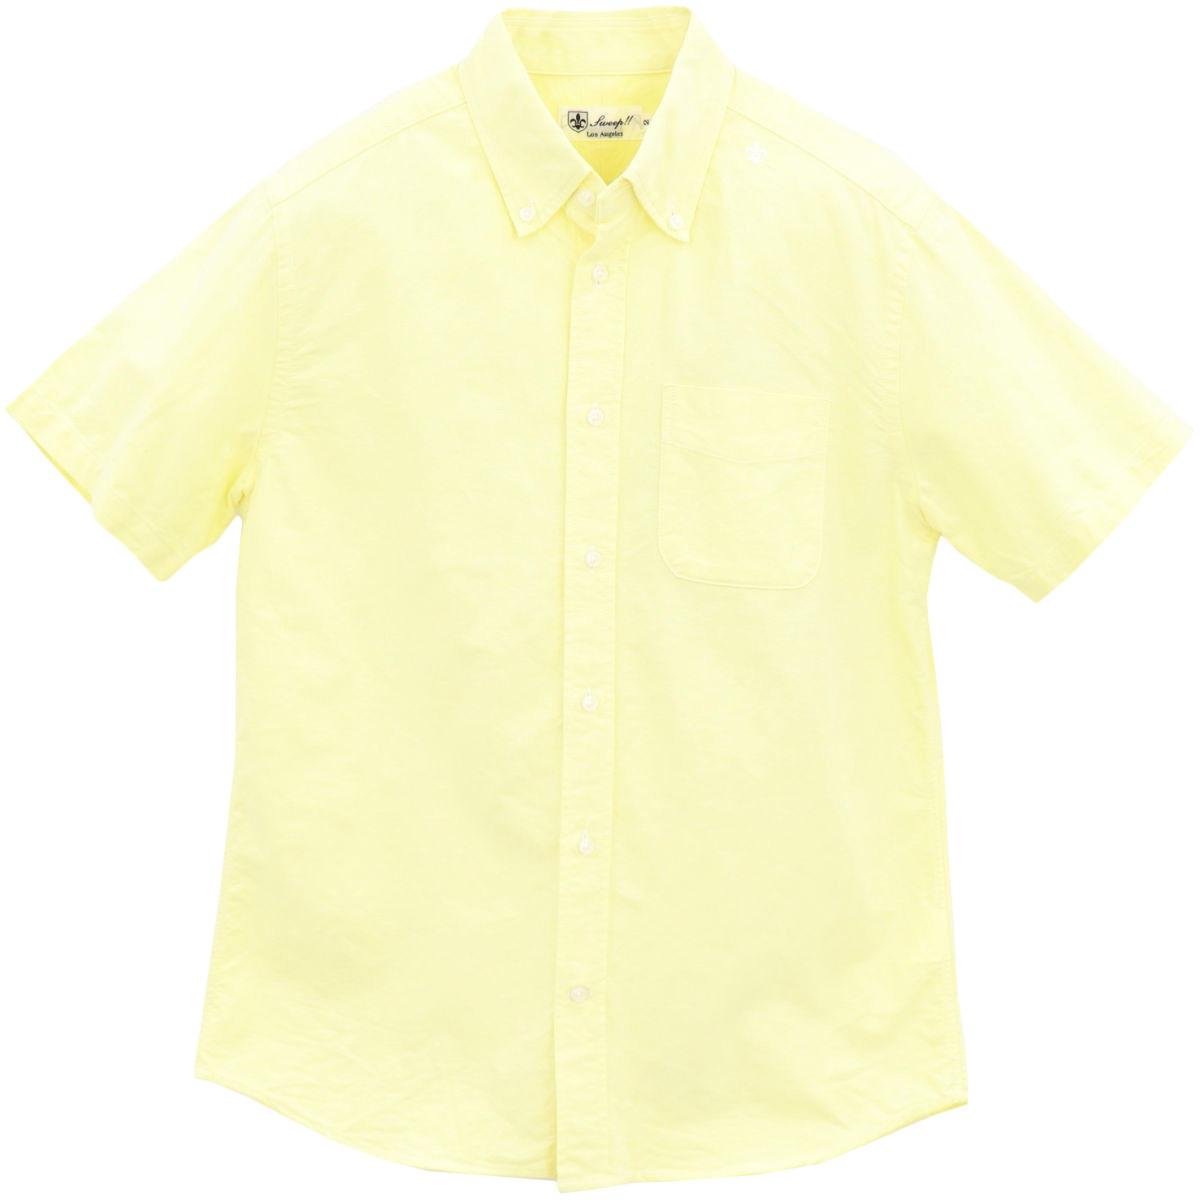 ★定番 オックスフォード ボタンダウンシャツ 半袖 NEW!!(YELLOW)